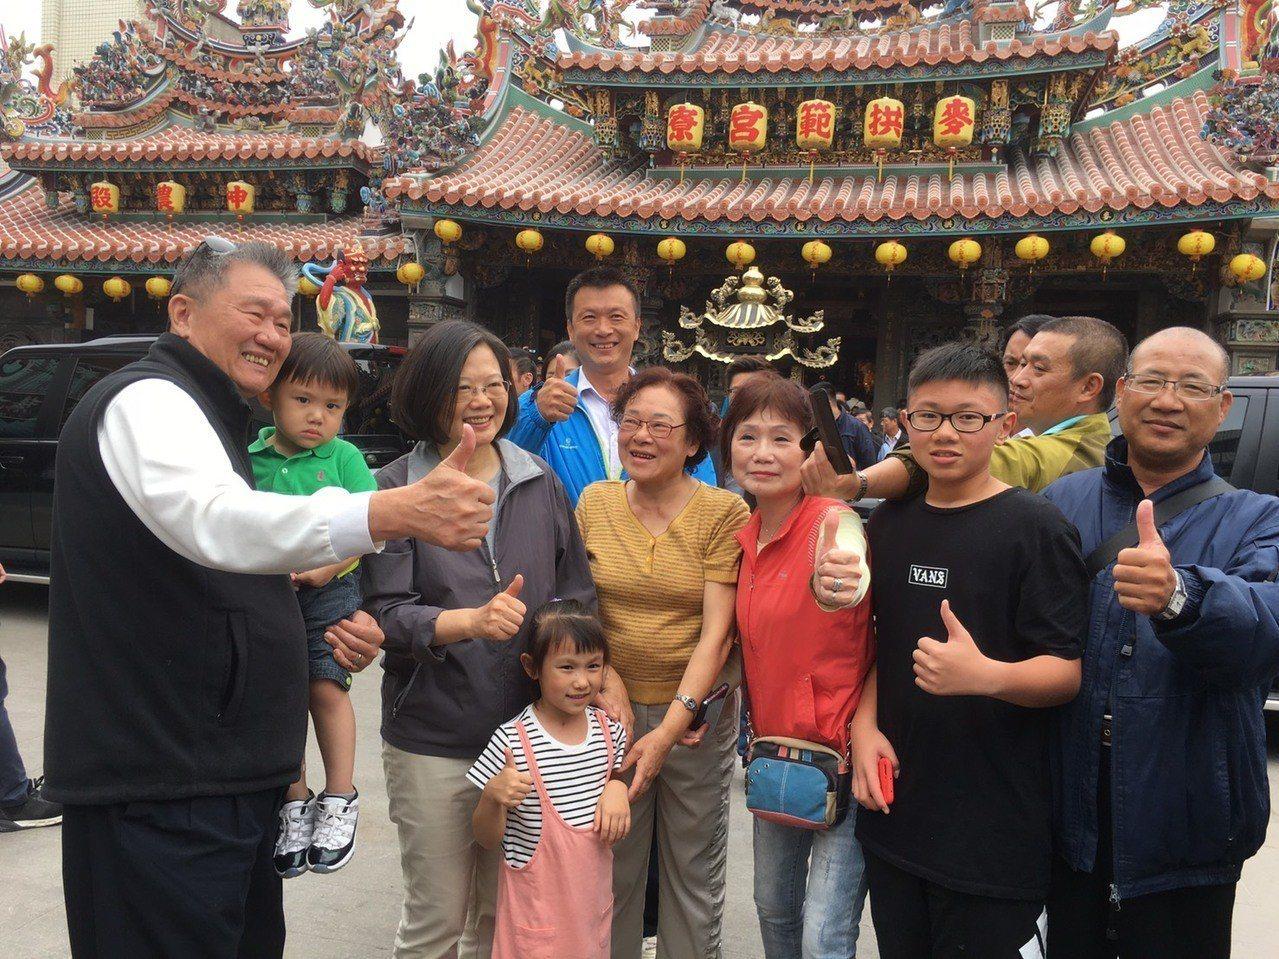 蔡英文總統上午南下雲林參拜拱範宮與民眾合照。記者陳雅玲/攝影